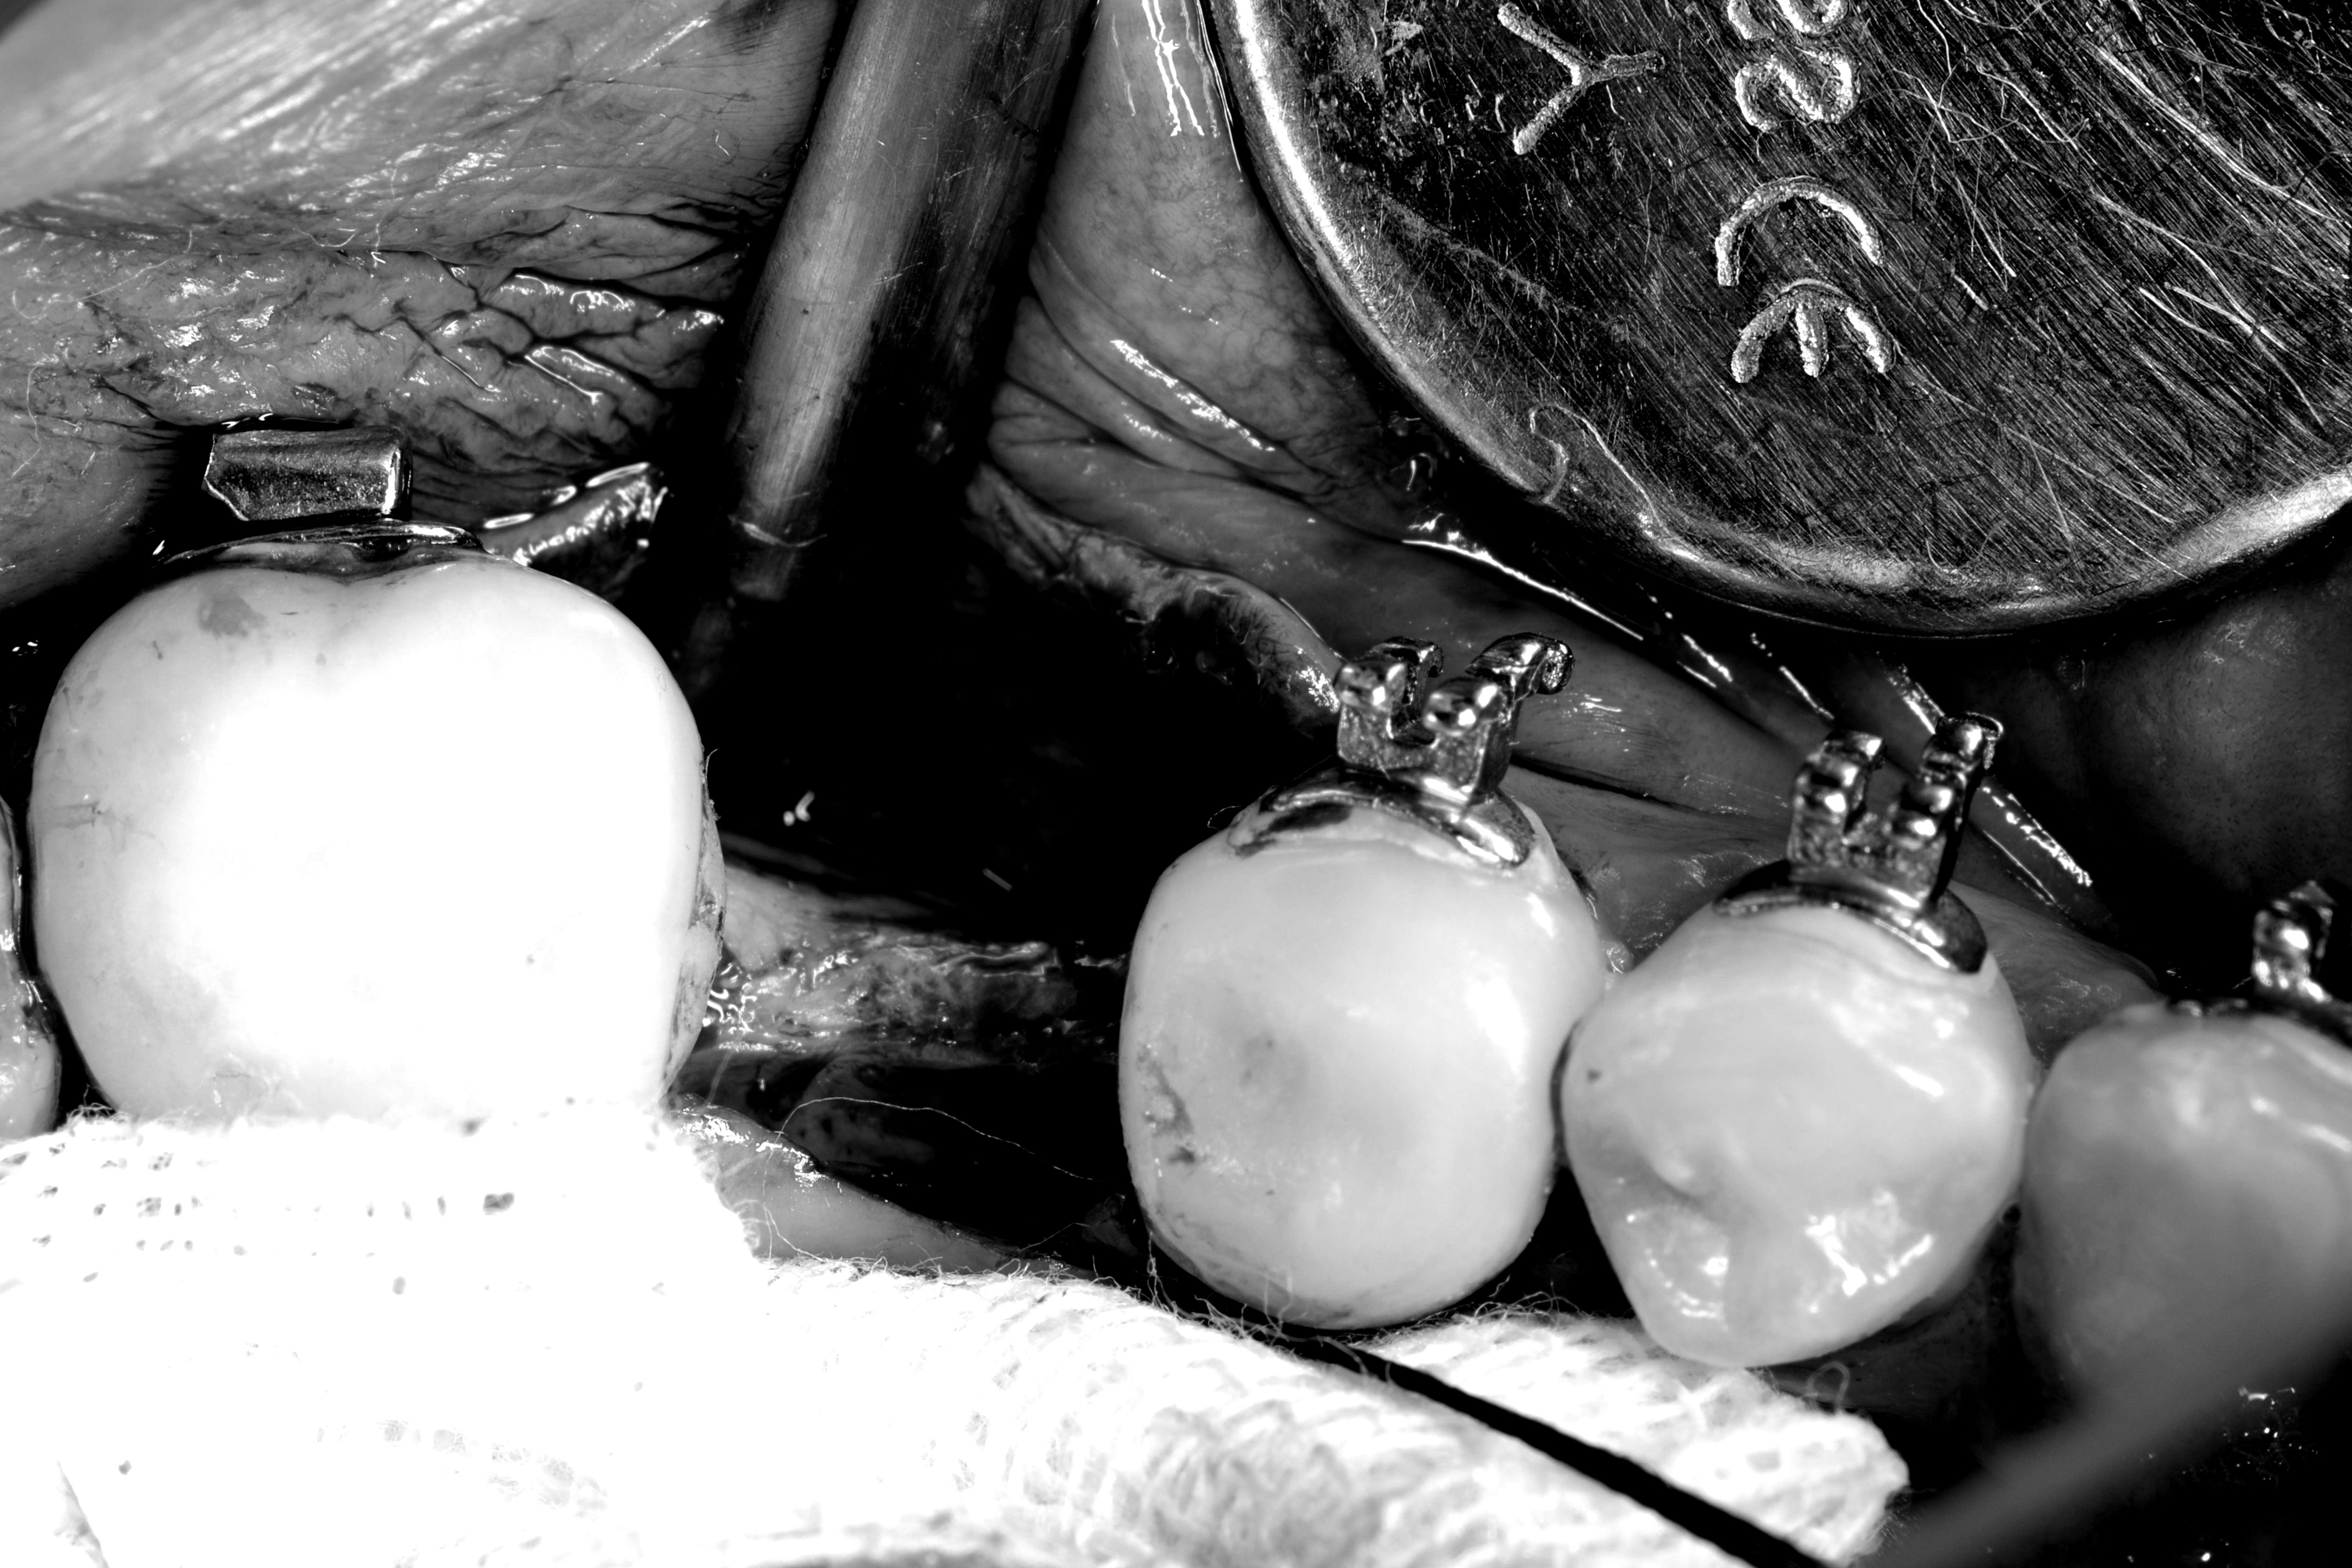 【牙套日记】三重祐民牙医 齿颚矫正完成后,接着进入最后植牙补骨阶段❤️齿颚矫正 杨大为医师